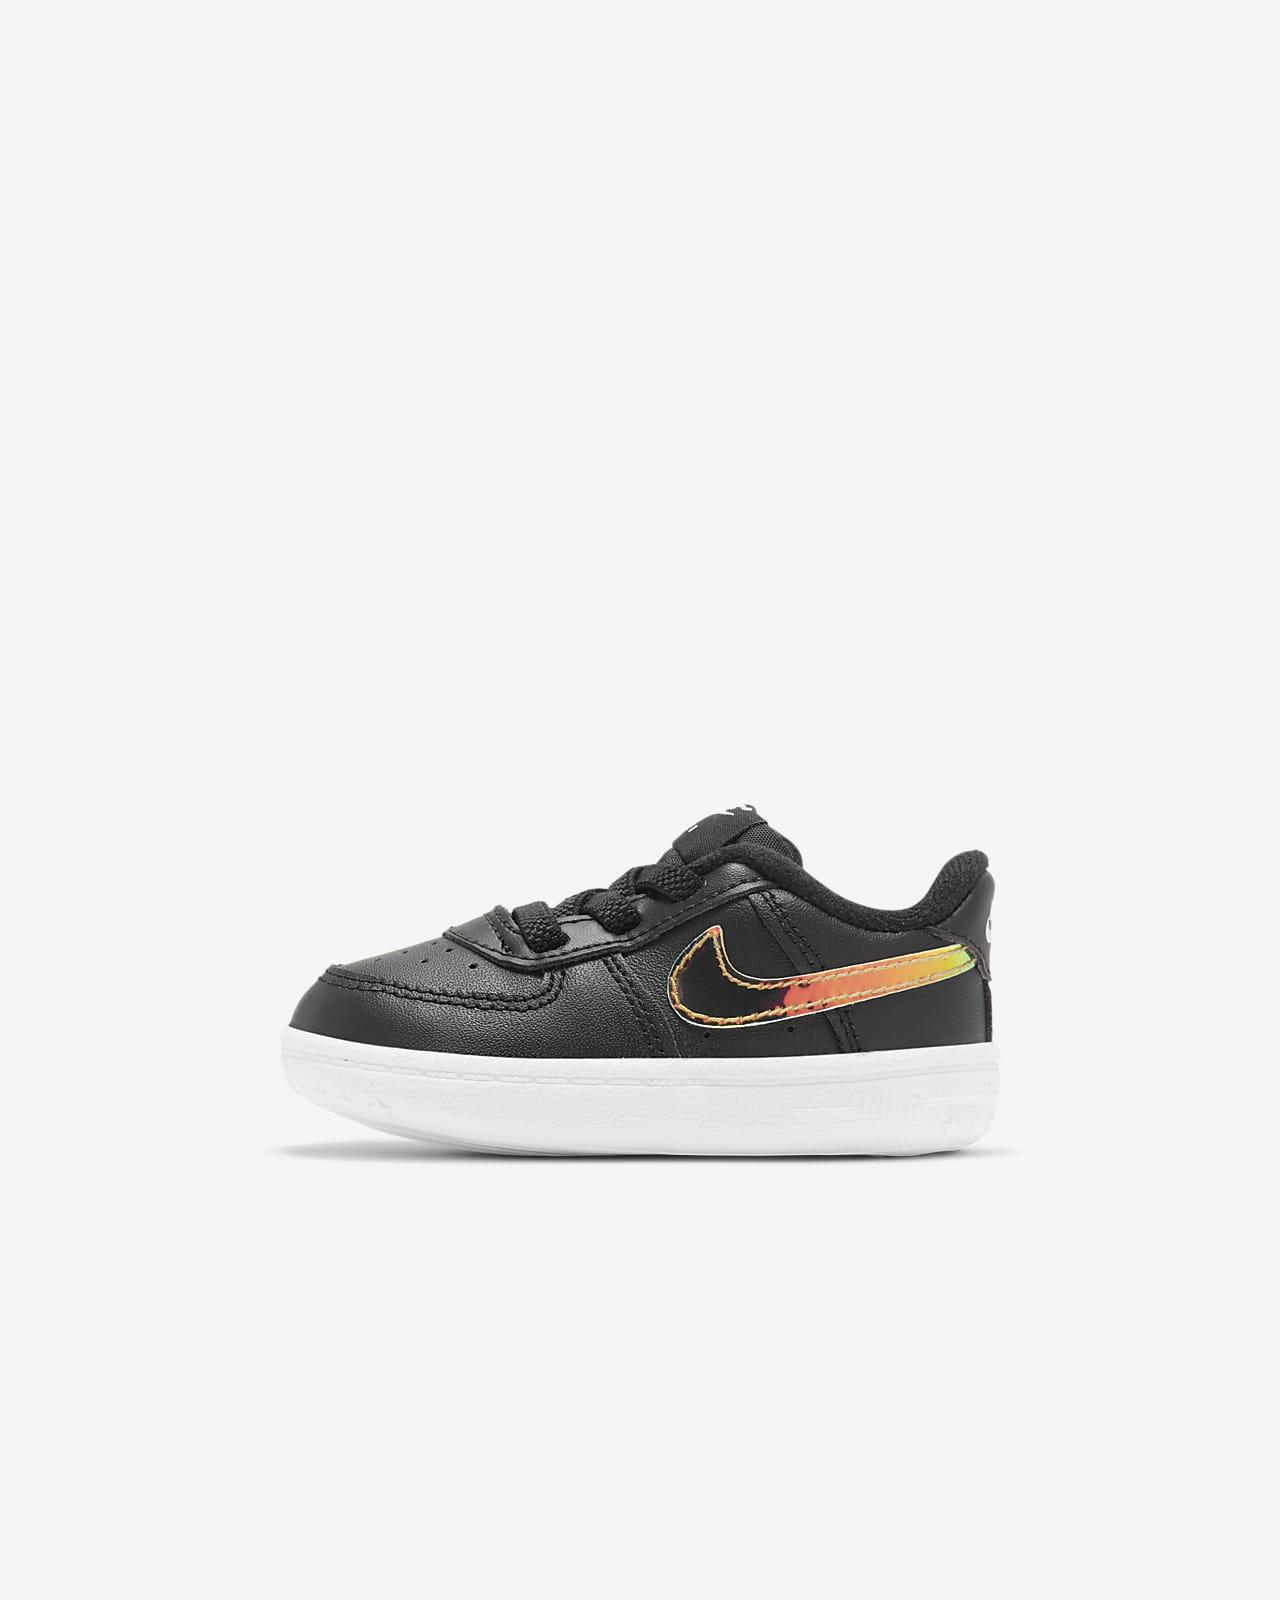 Παπούτσι Nike Force 1 για βρέφη